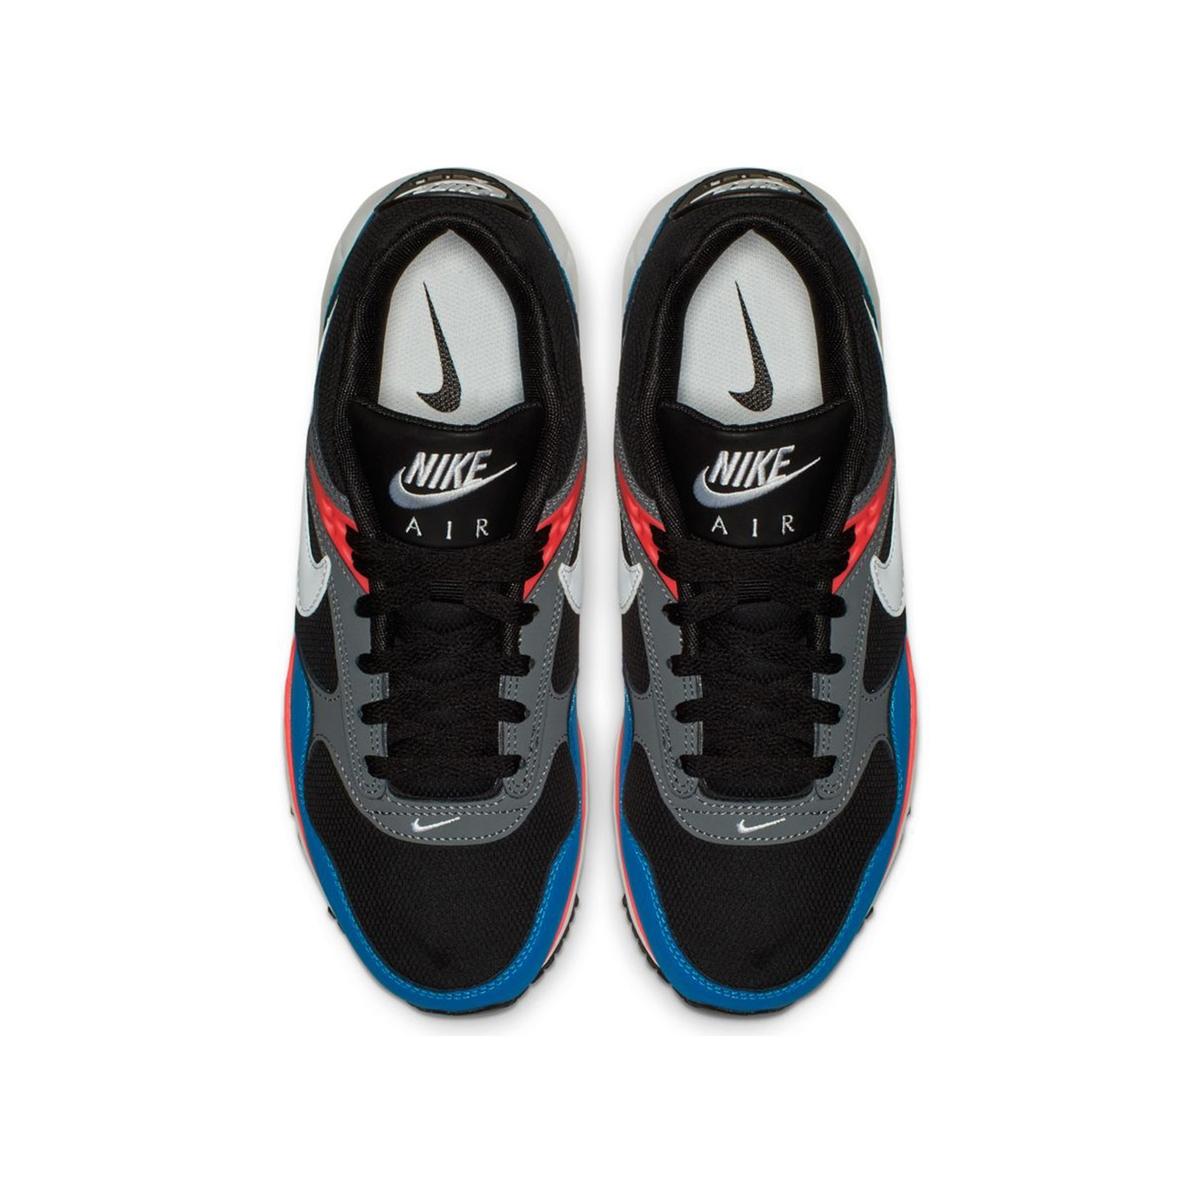 Imagen adicional 3 de producto de Zapatillas Air Max Correlate - Nike